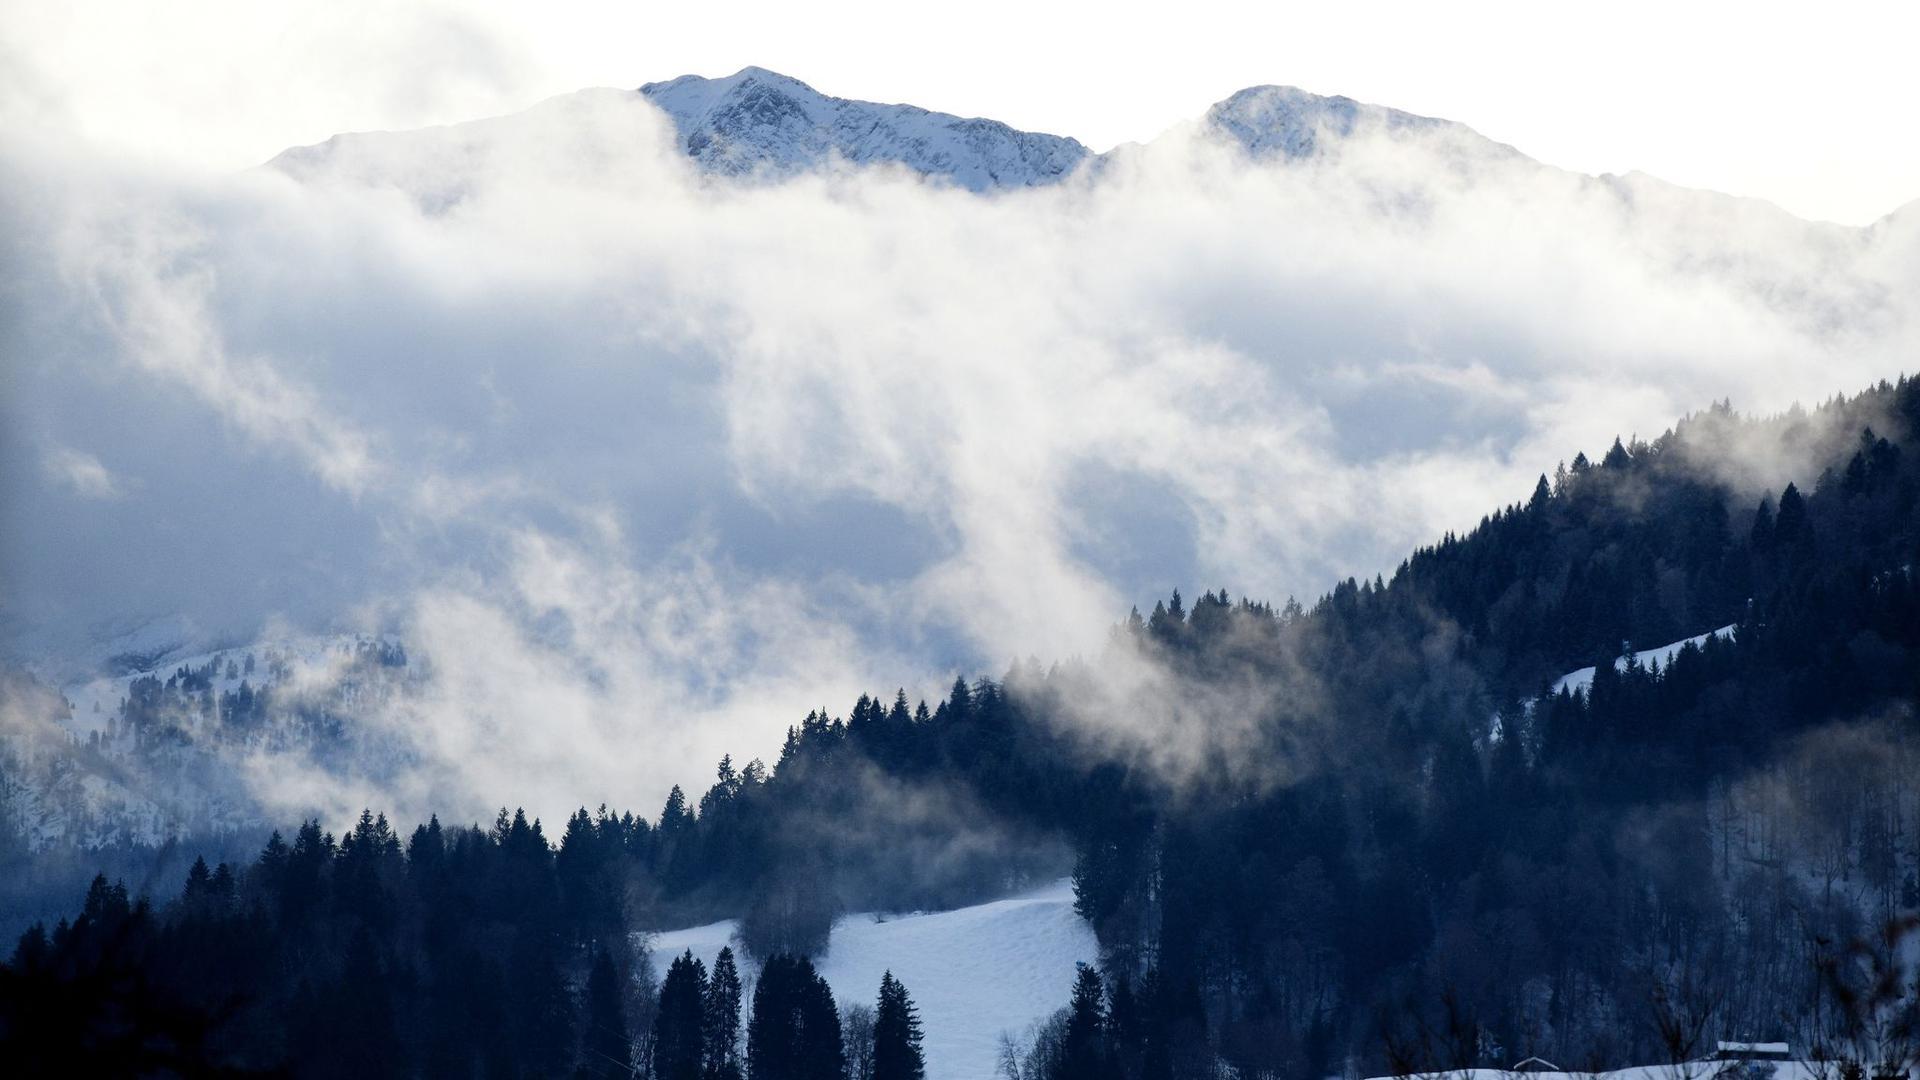 Wolken ziehen an der Wettersteinwand im Wettersteingebirge bei Garmisch-Partenkirchen vorbei.